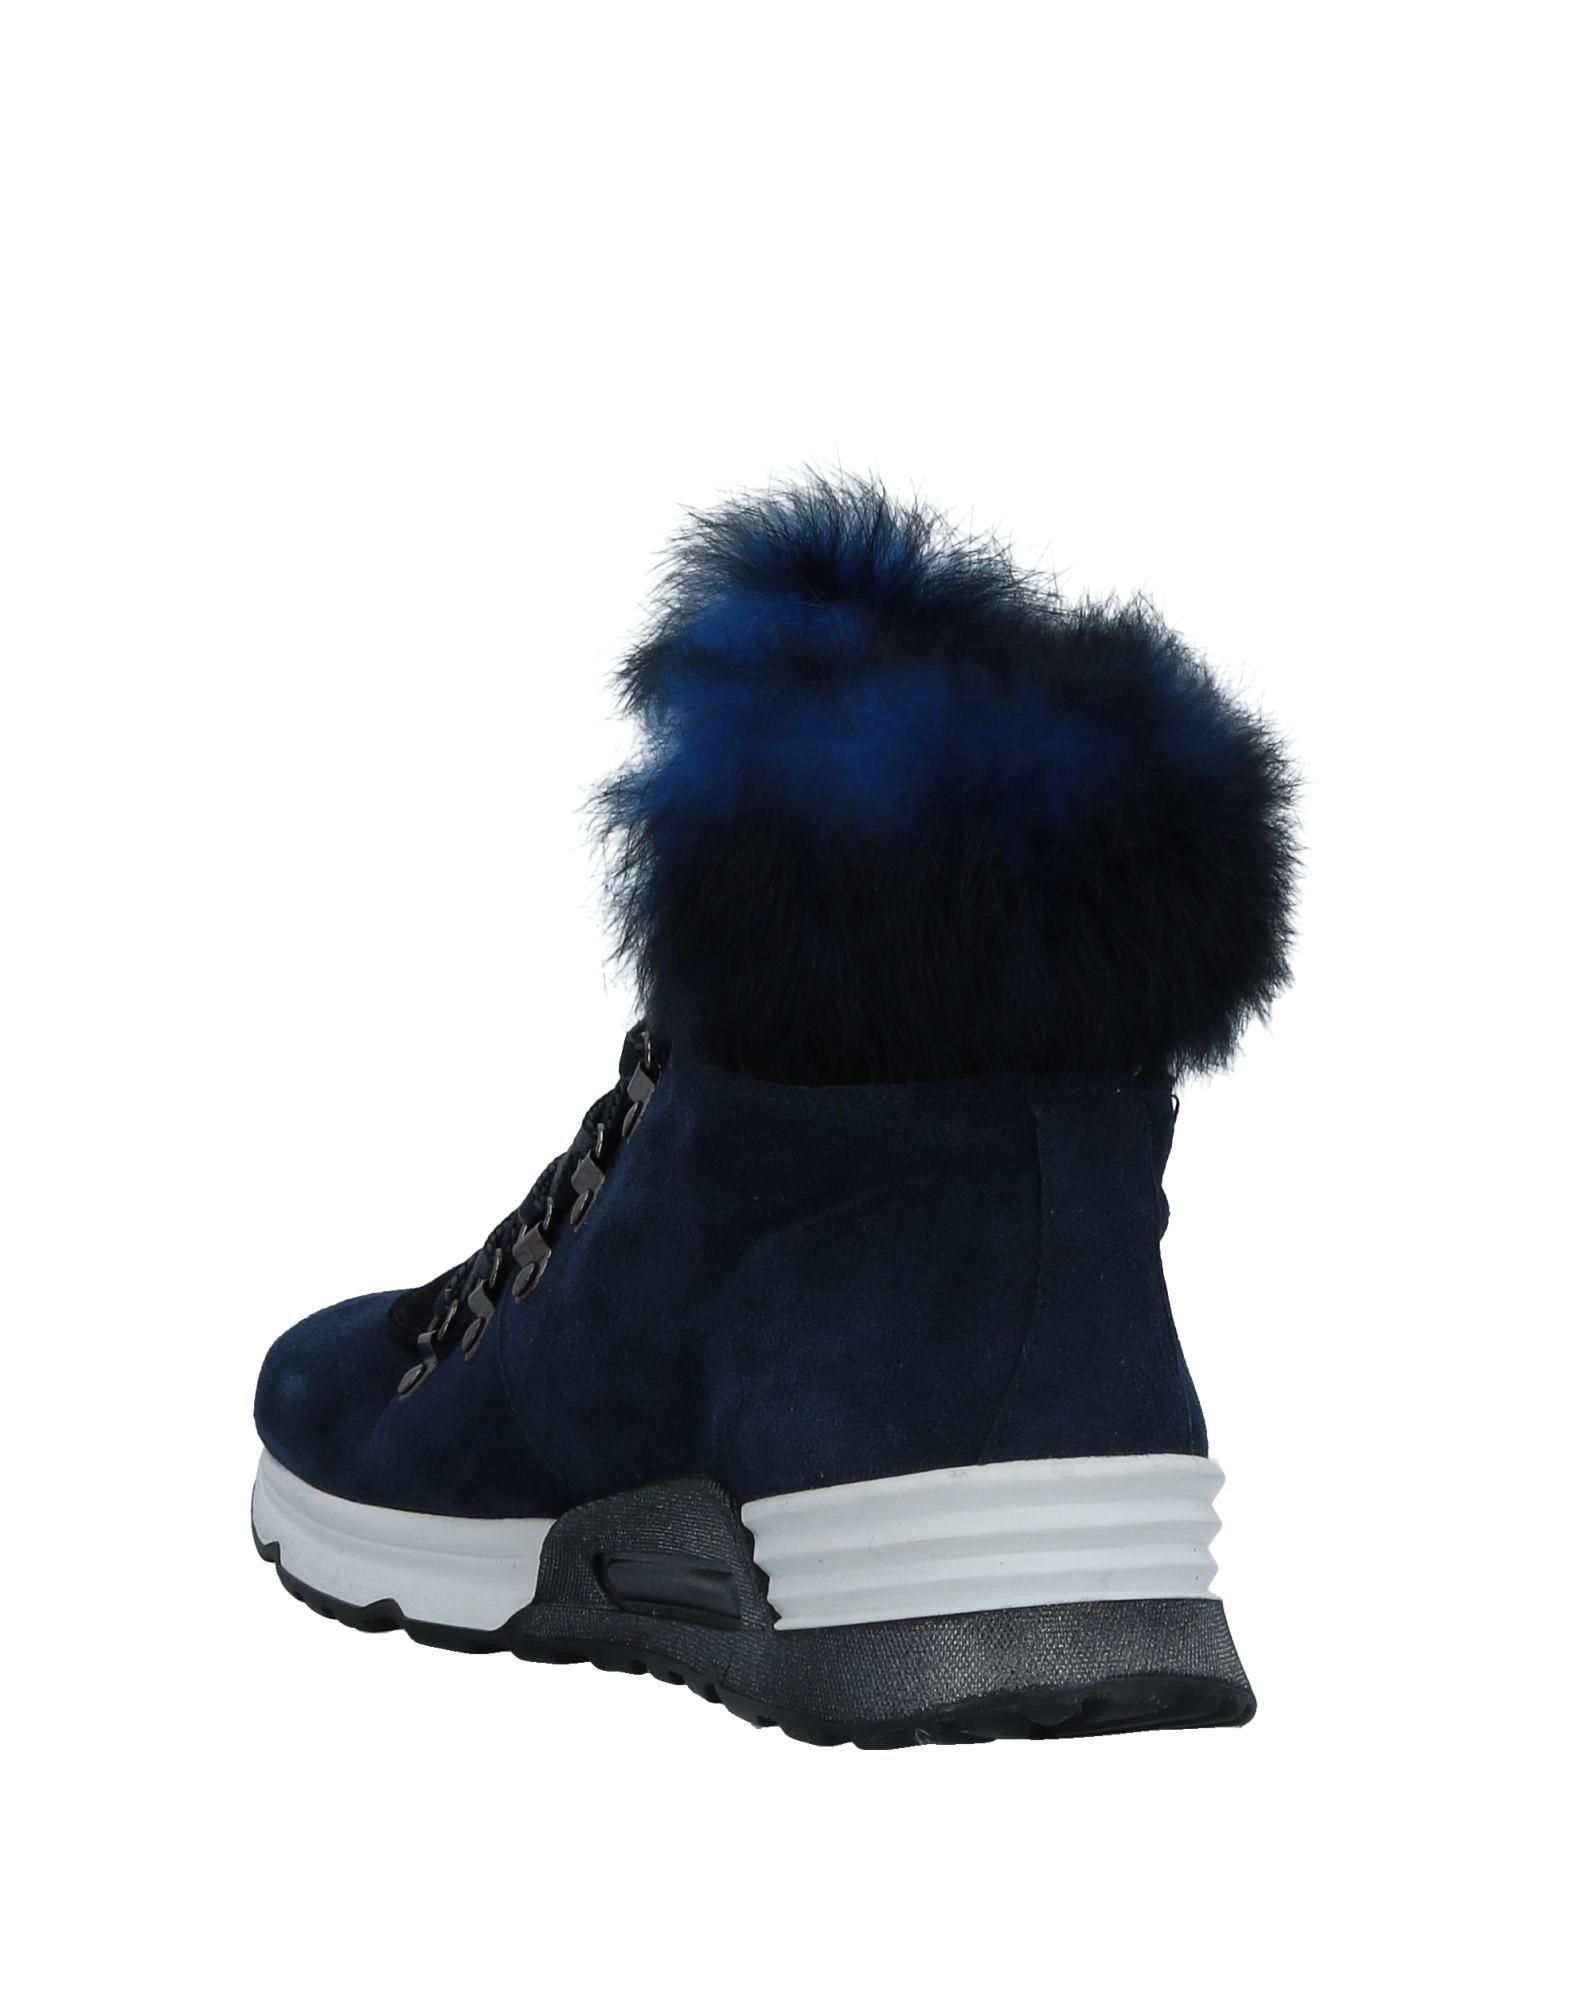 Gut um Stiefelette billige Schuhe zu tragenJoyks Stiefelette um Damen  11522396SX ca6d6a